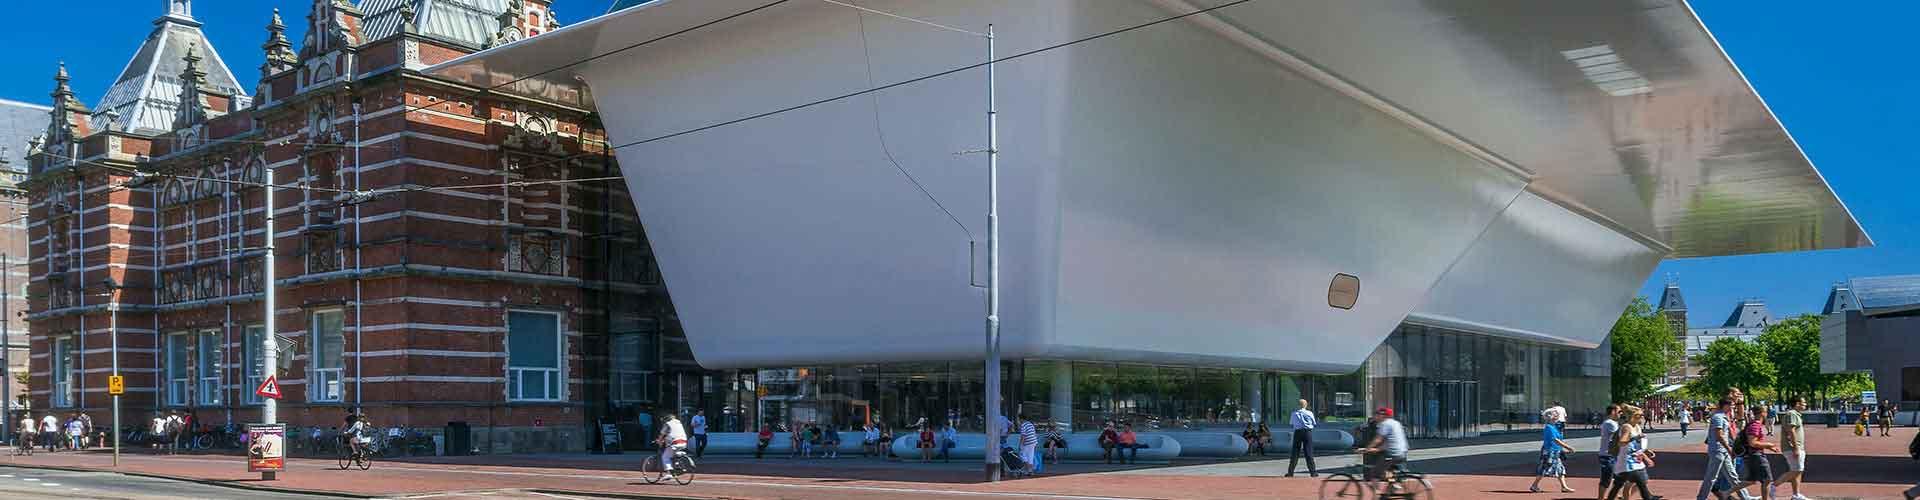 암스테르담 - 스테데리크 박물관에 가까운 호스텔. 암스테르담의 지도, 암스테르담에 위치한 호스텔에 대한 사진 및 리뷰.